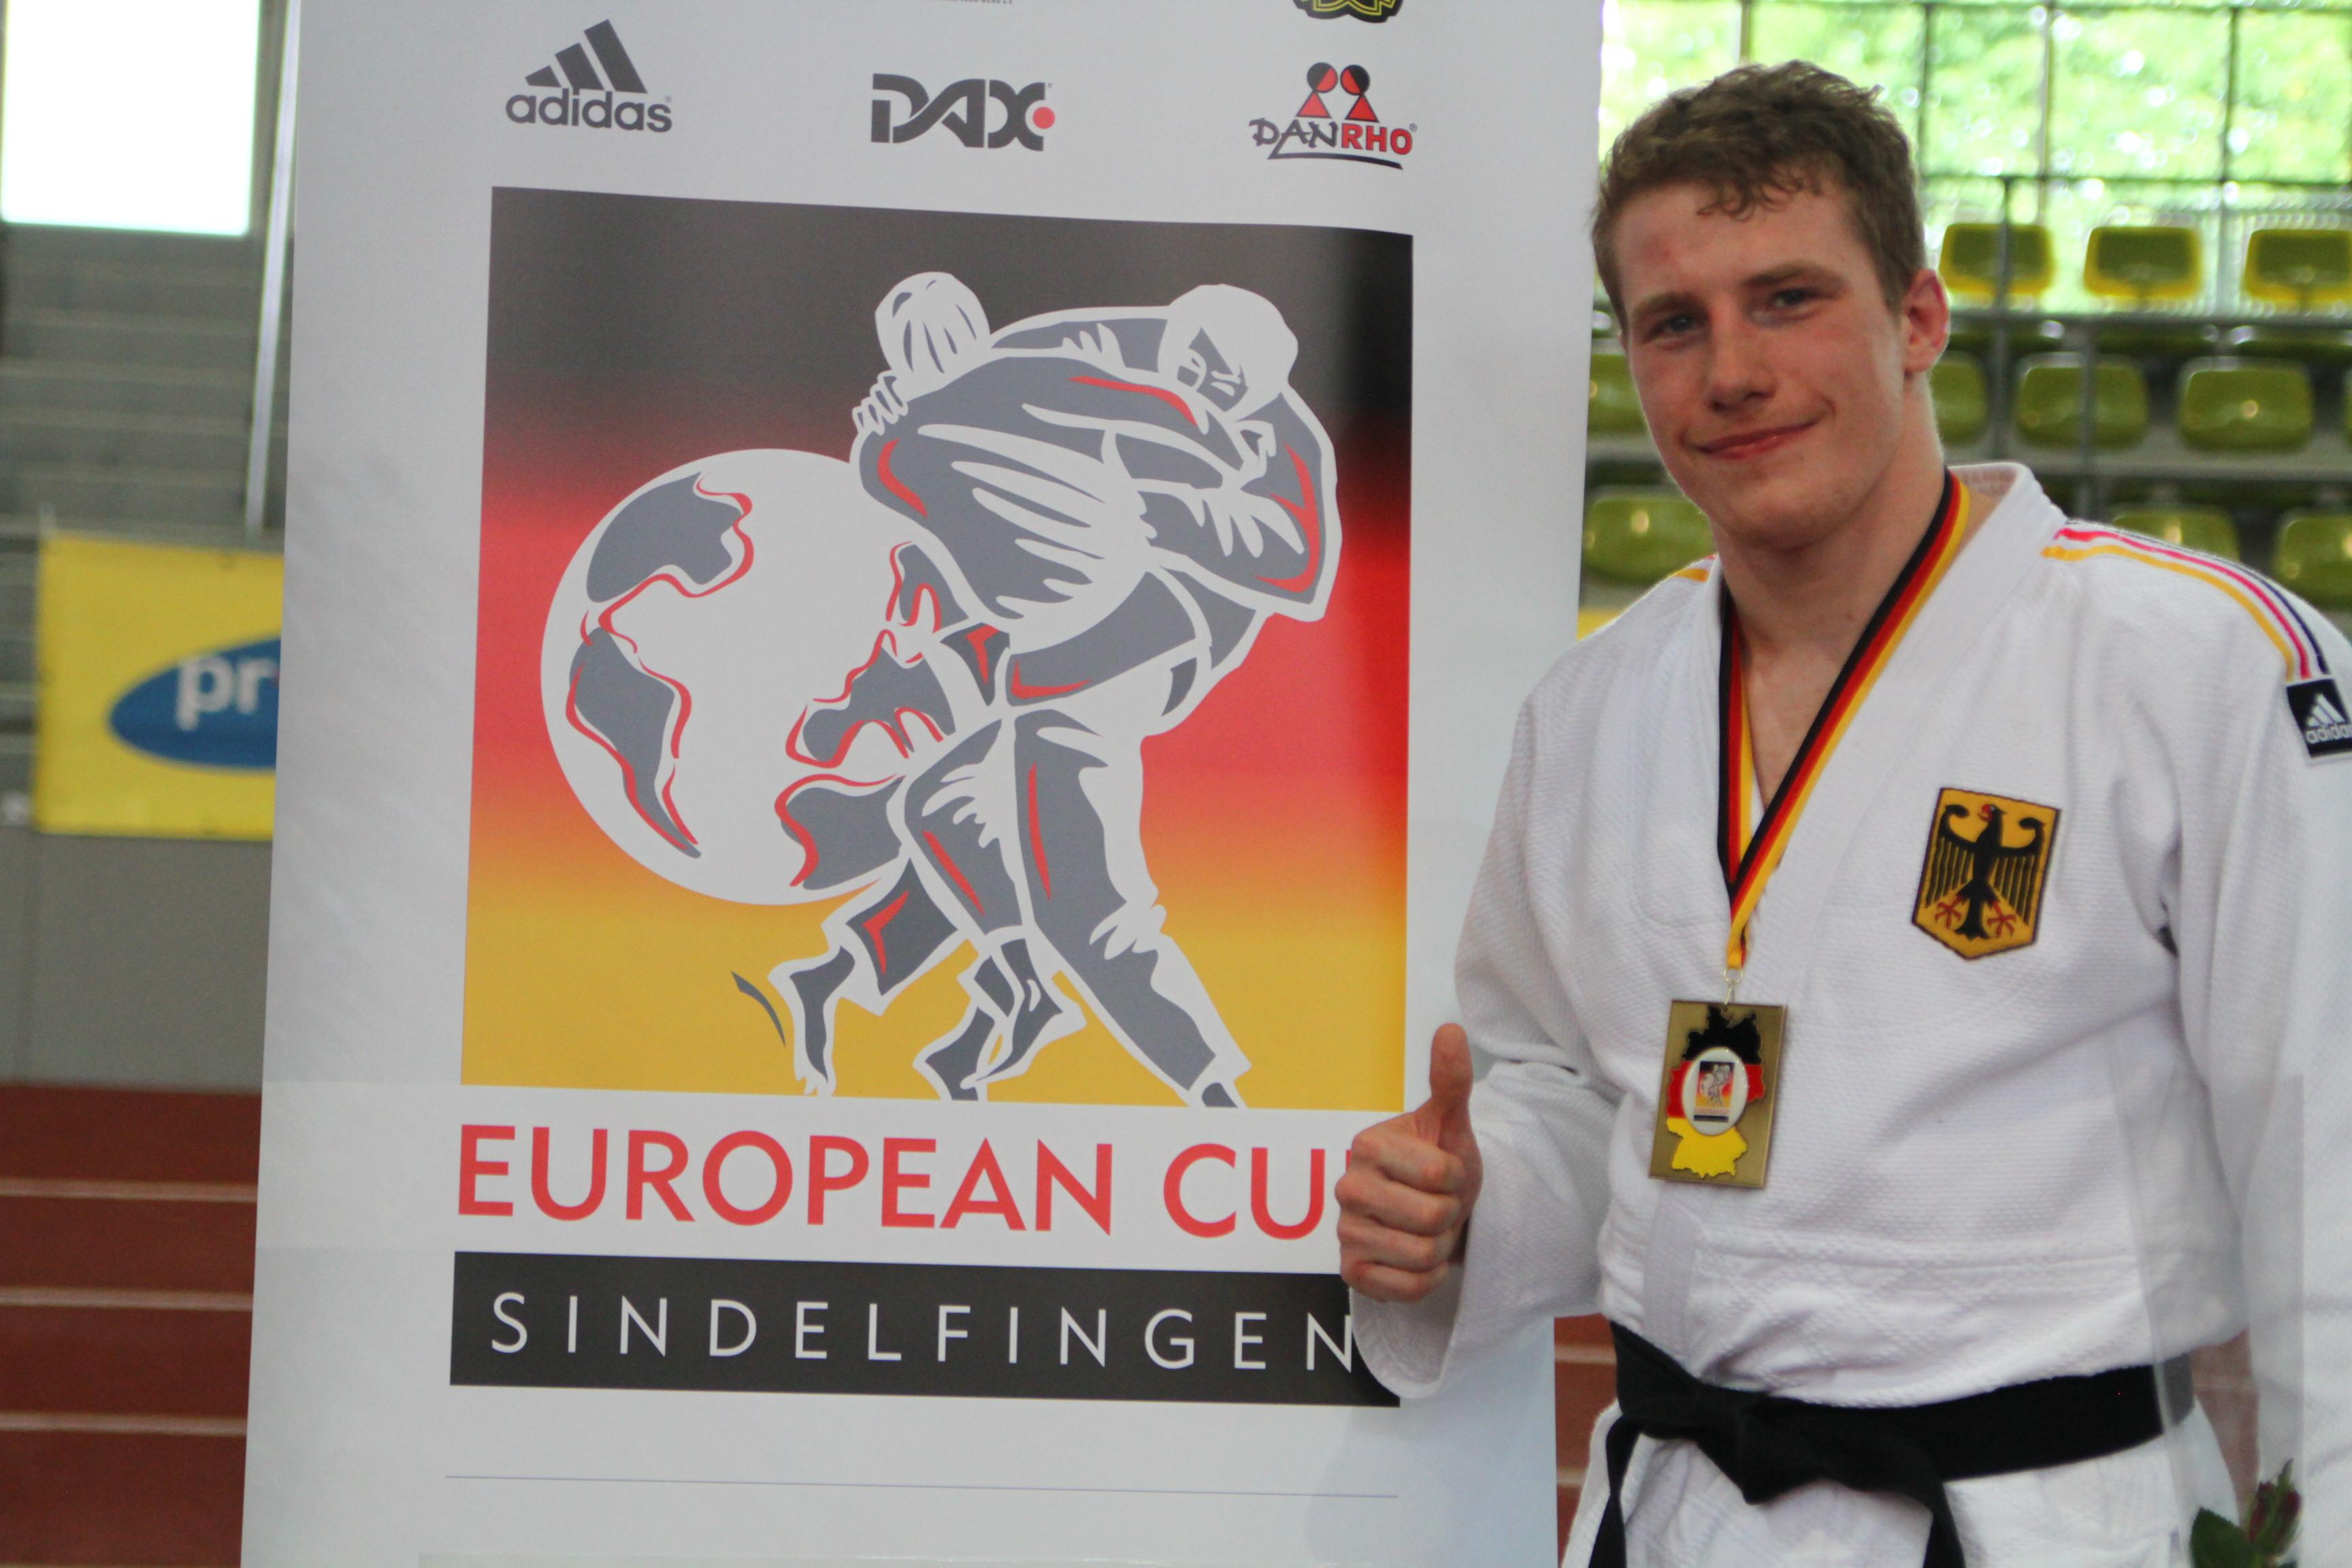 European Cup in Sindelfingen